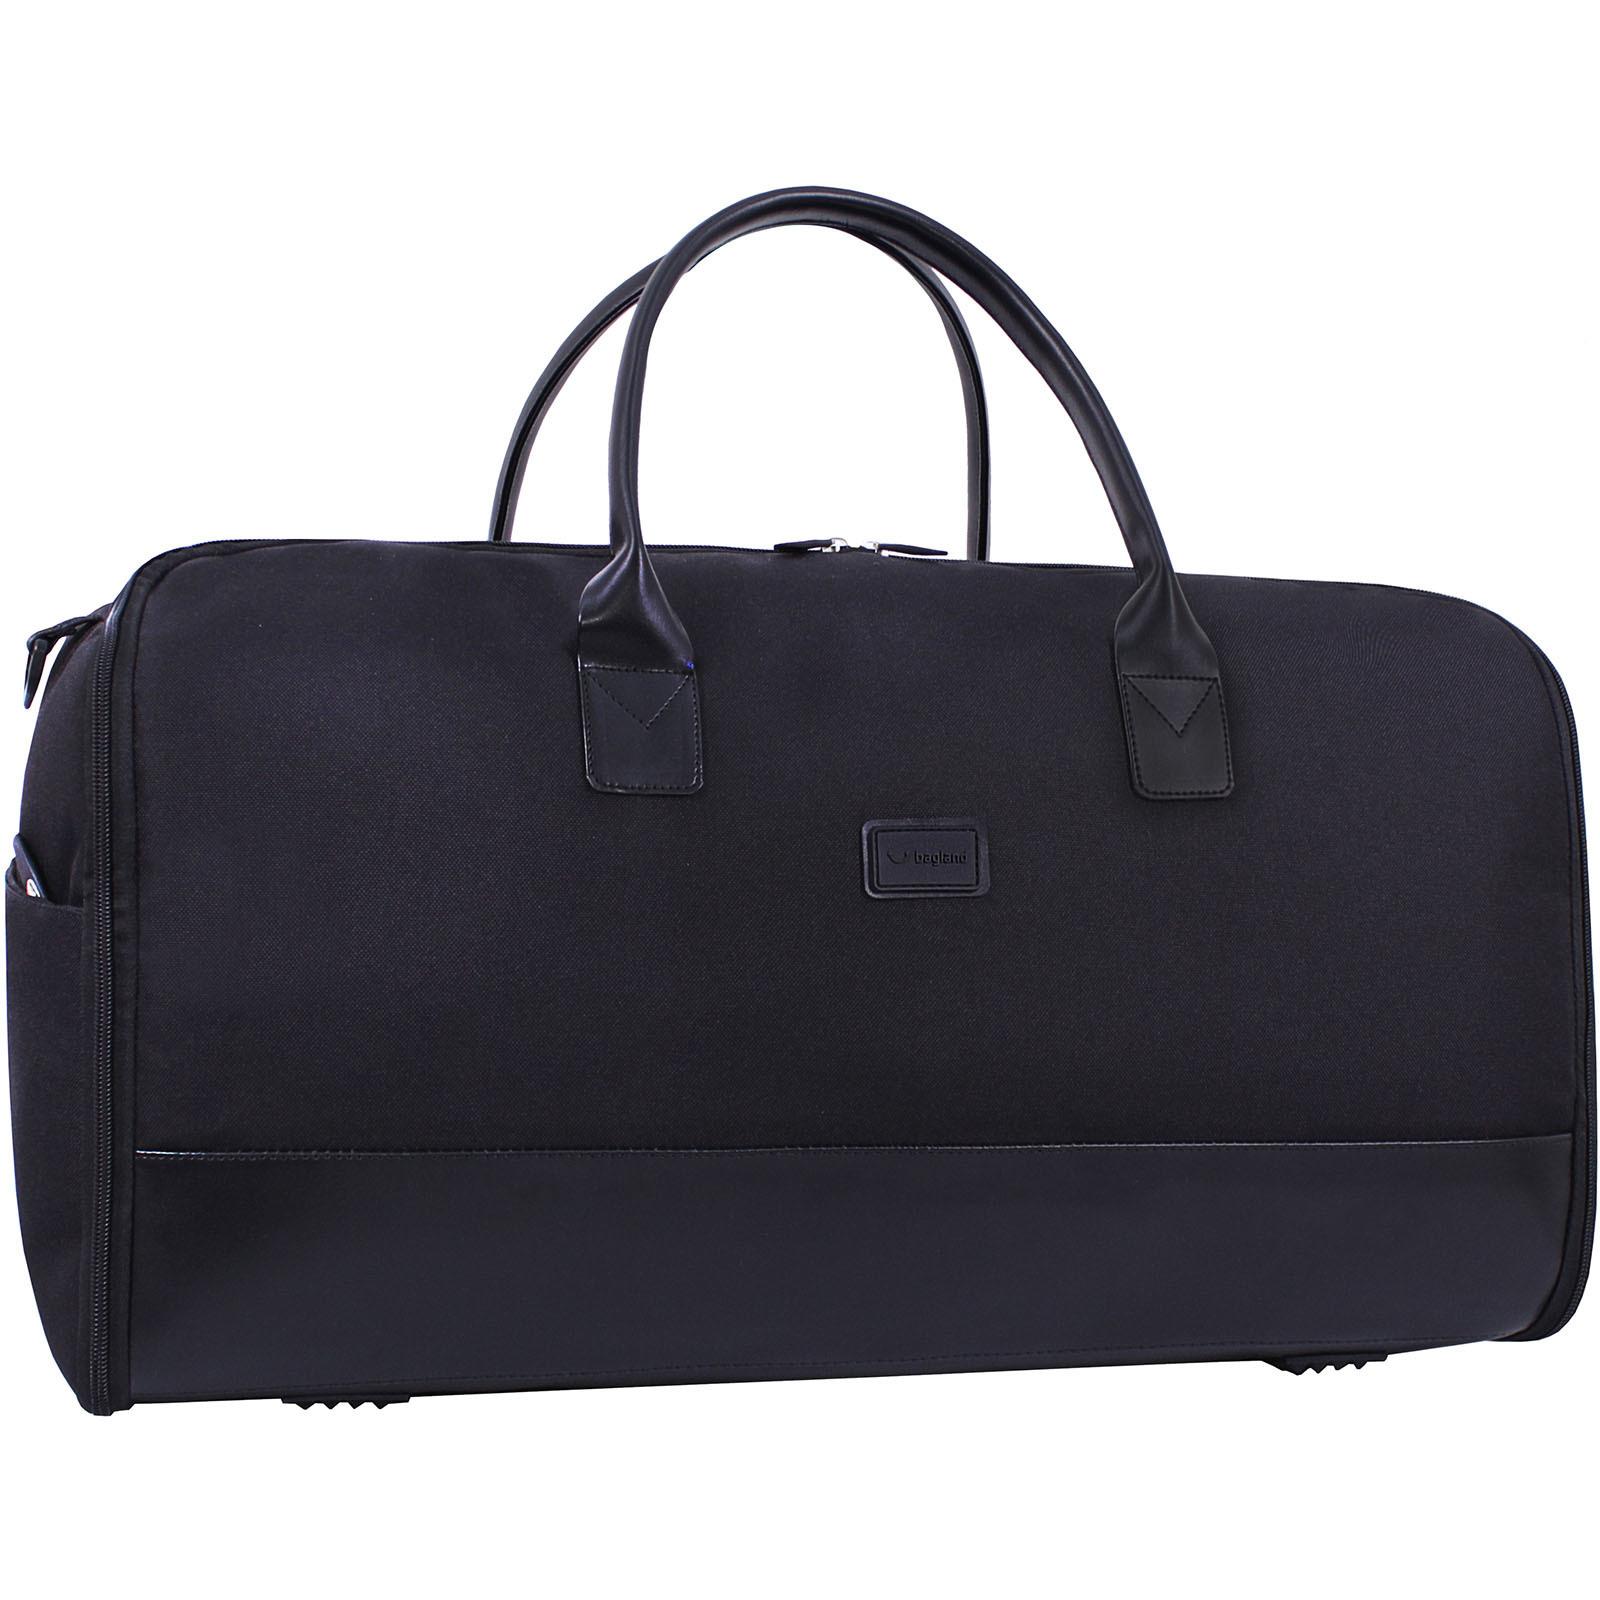 Дорожные сумки Сумка Bagland Trip 57 л. Черный (0038166) IMG_0349.JPG